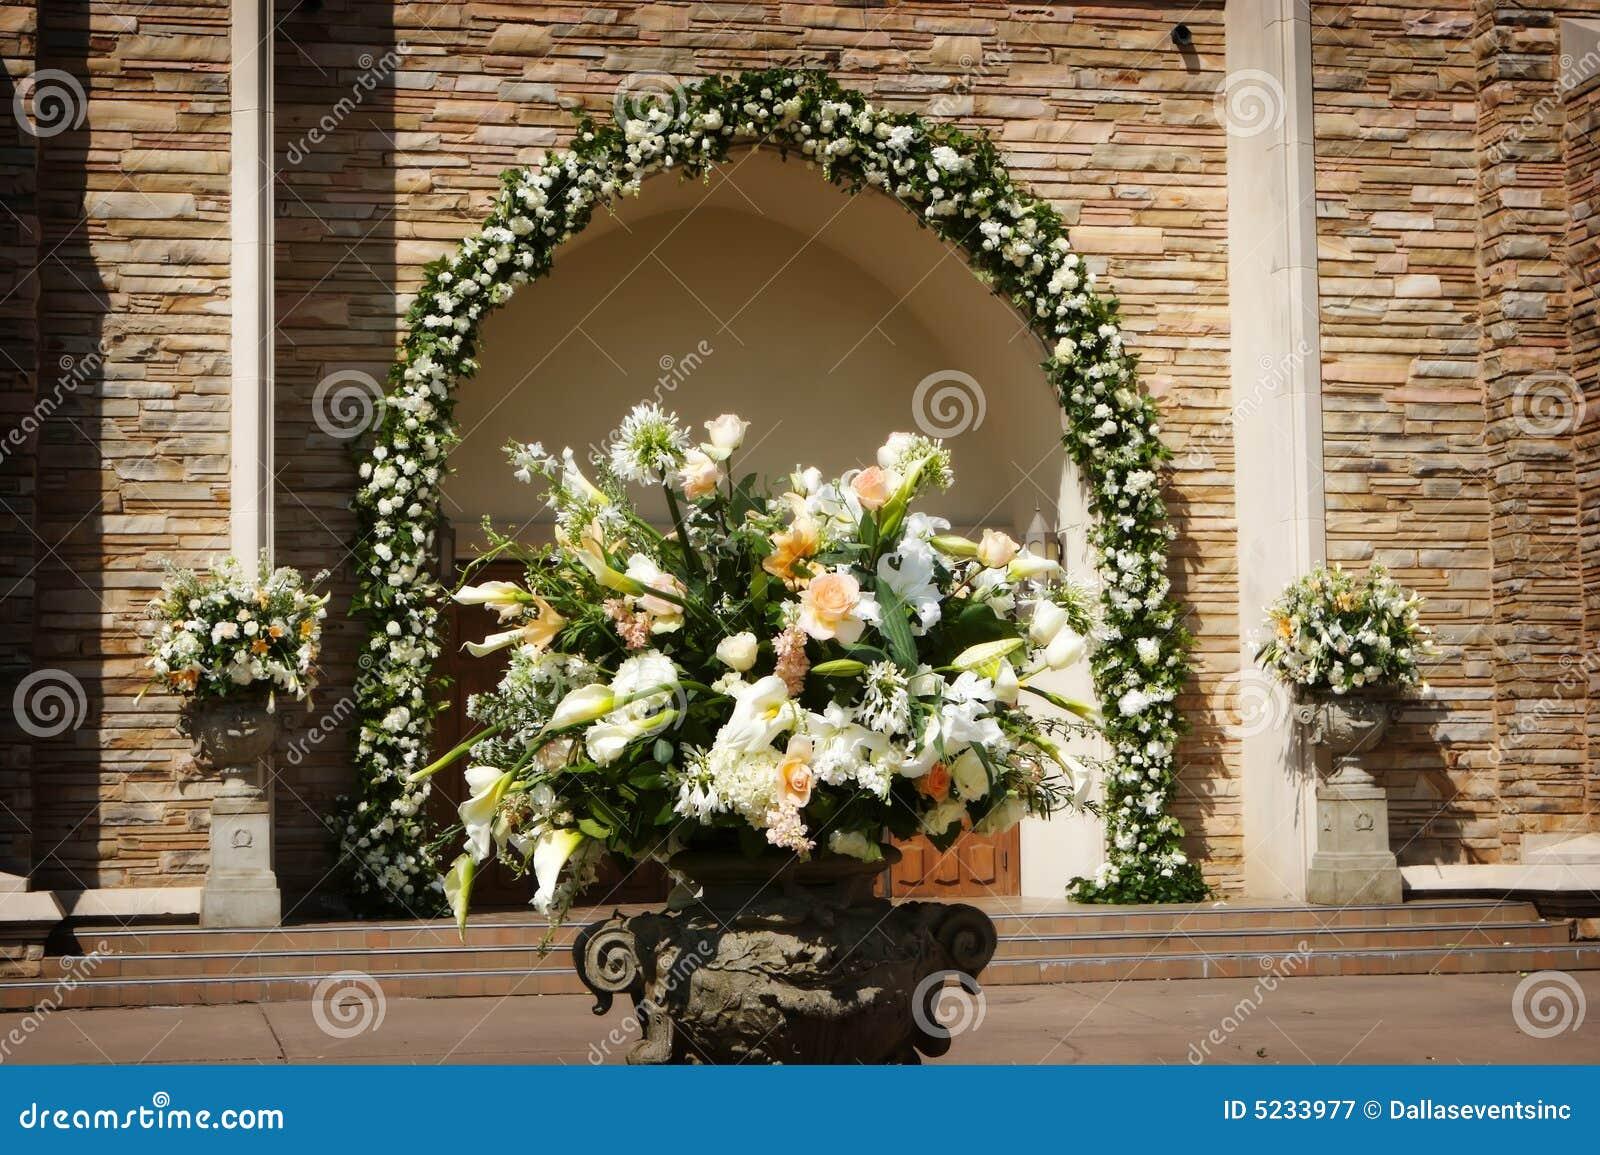 Schone Hochzeitsblumen Ausserhalb Einer Kirche Stockbild Bild Von